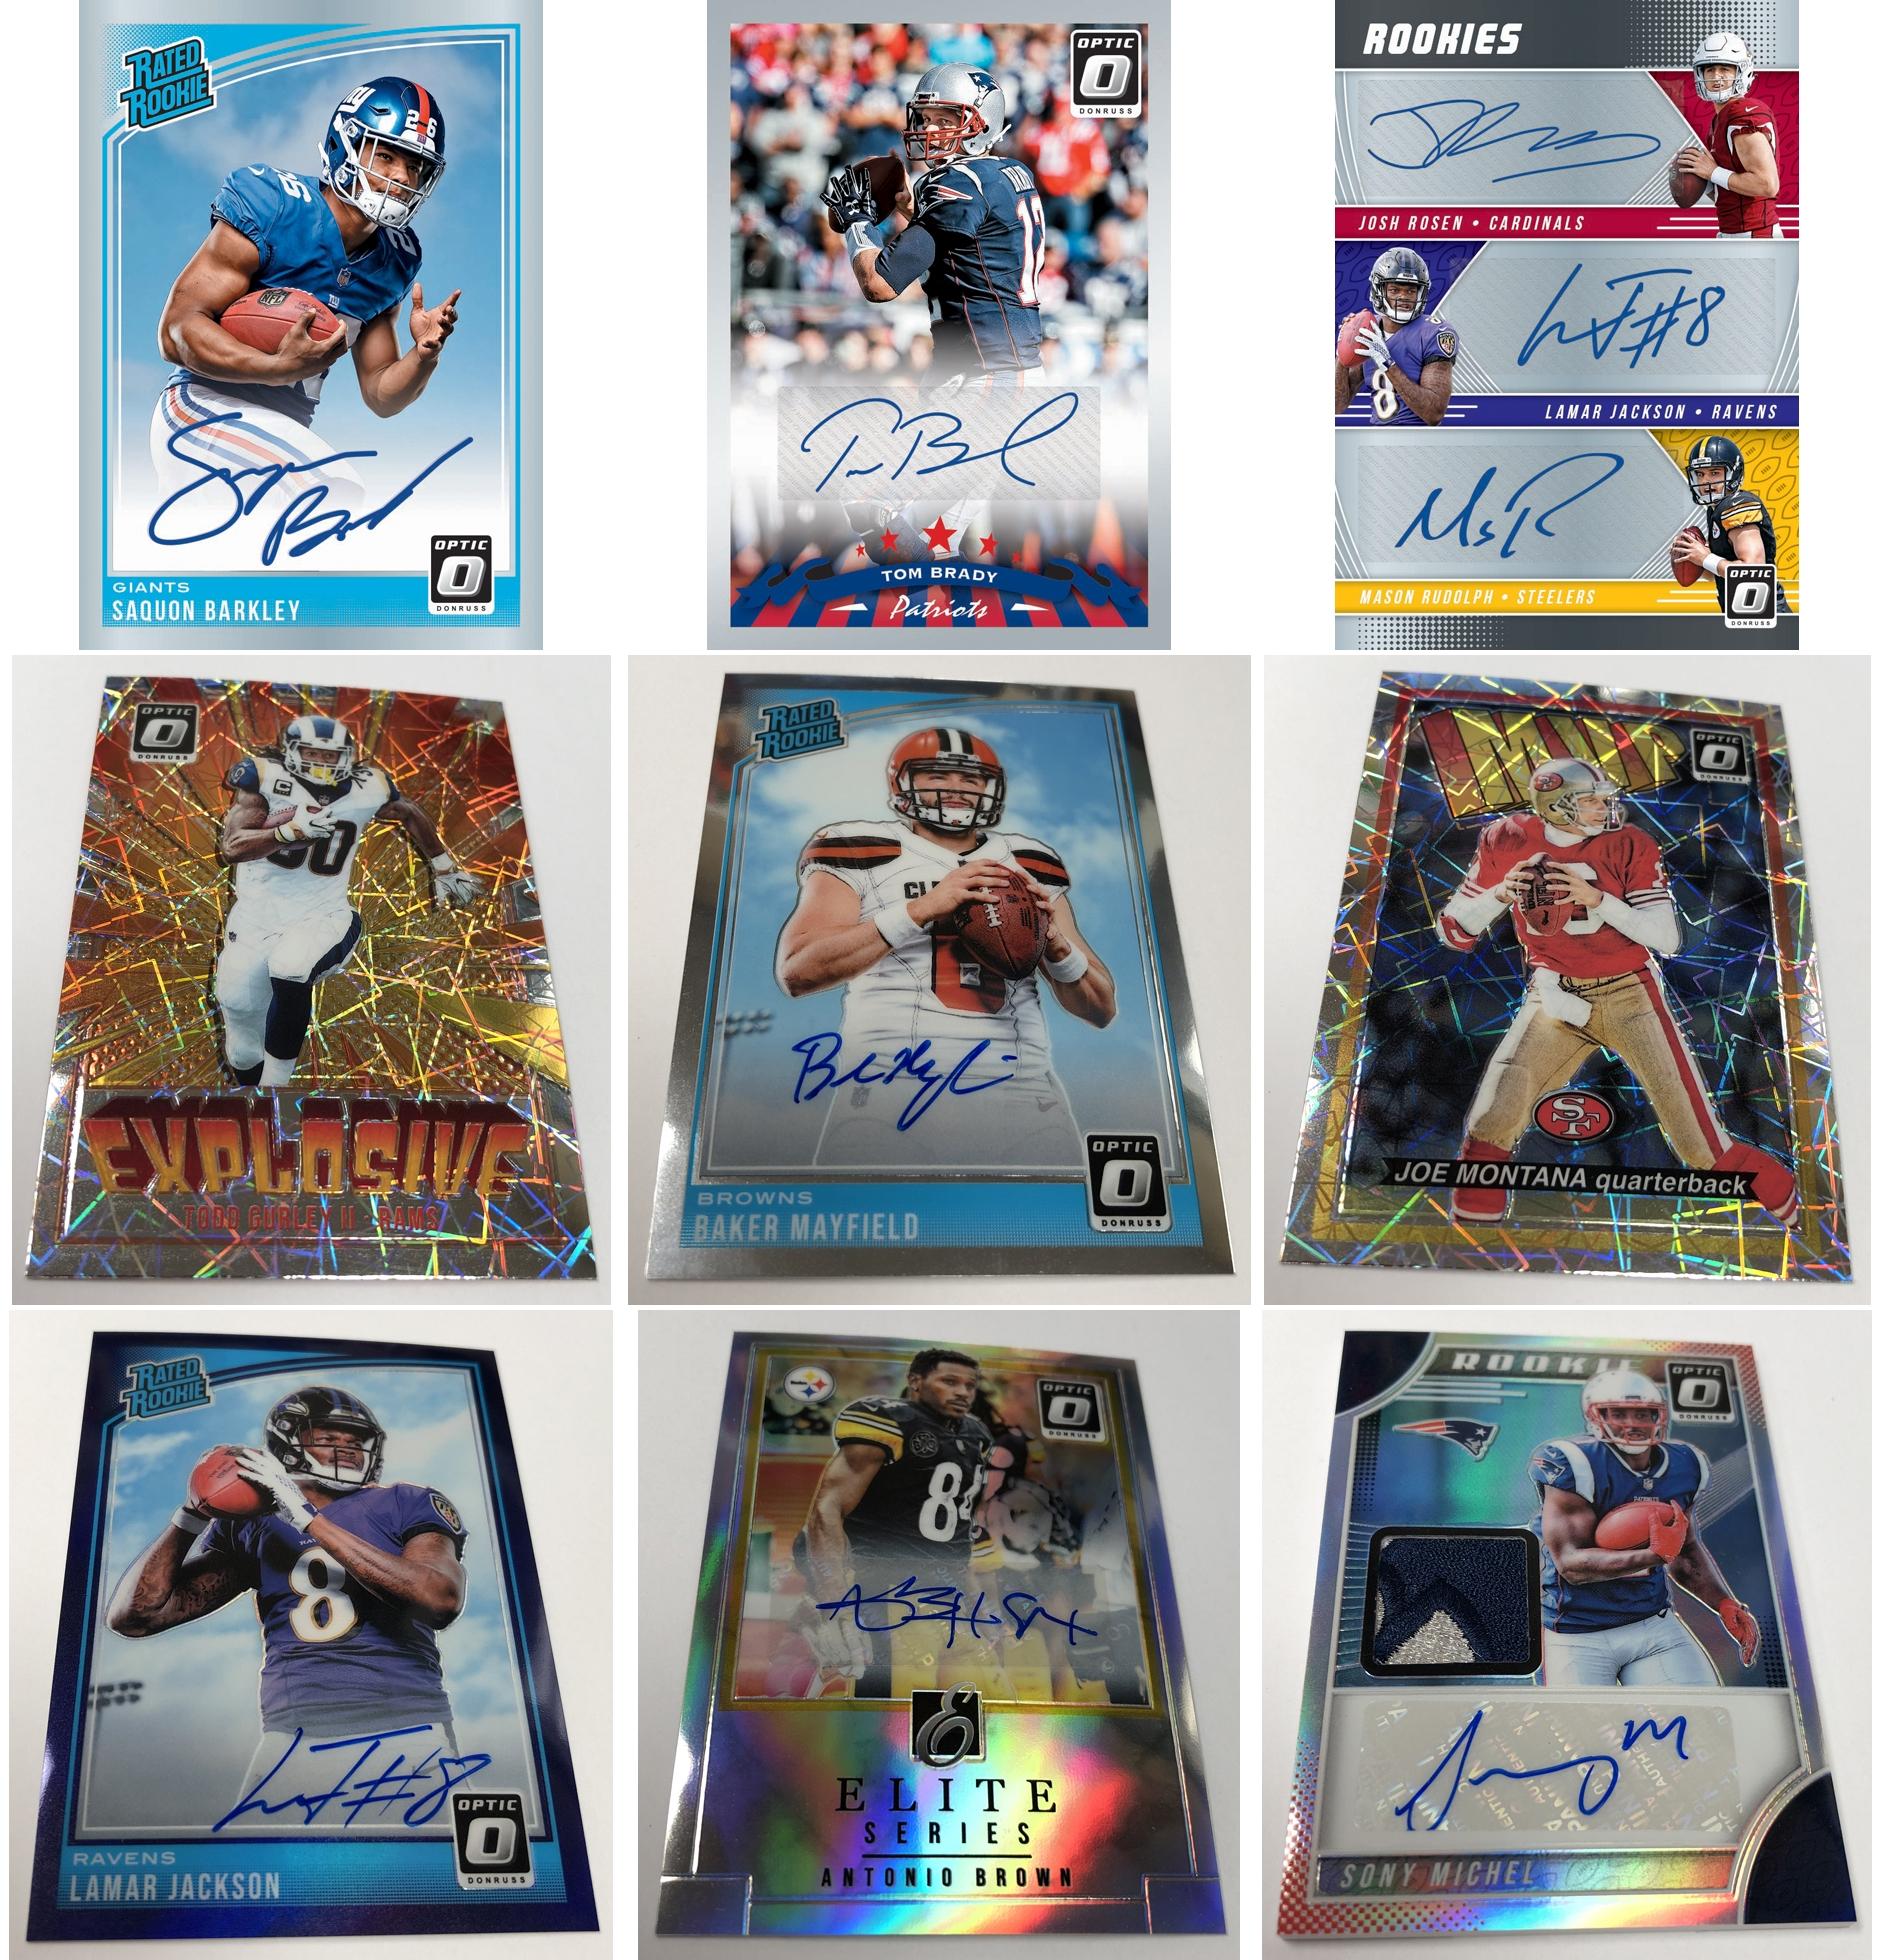 c24017c4a16 Per Case: 12 Boxes, 12 Autos, 960 Cards ...